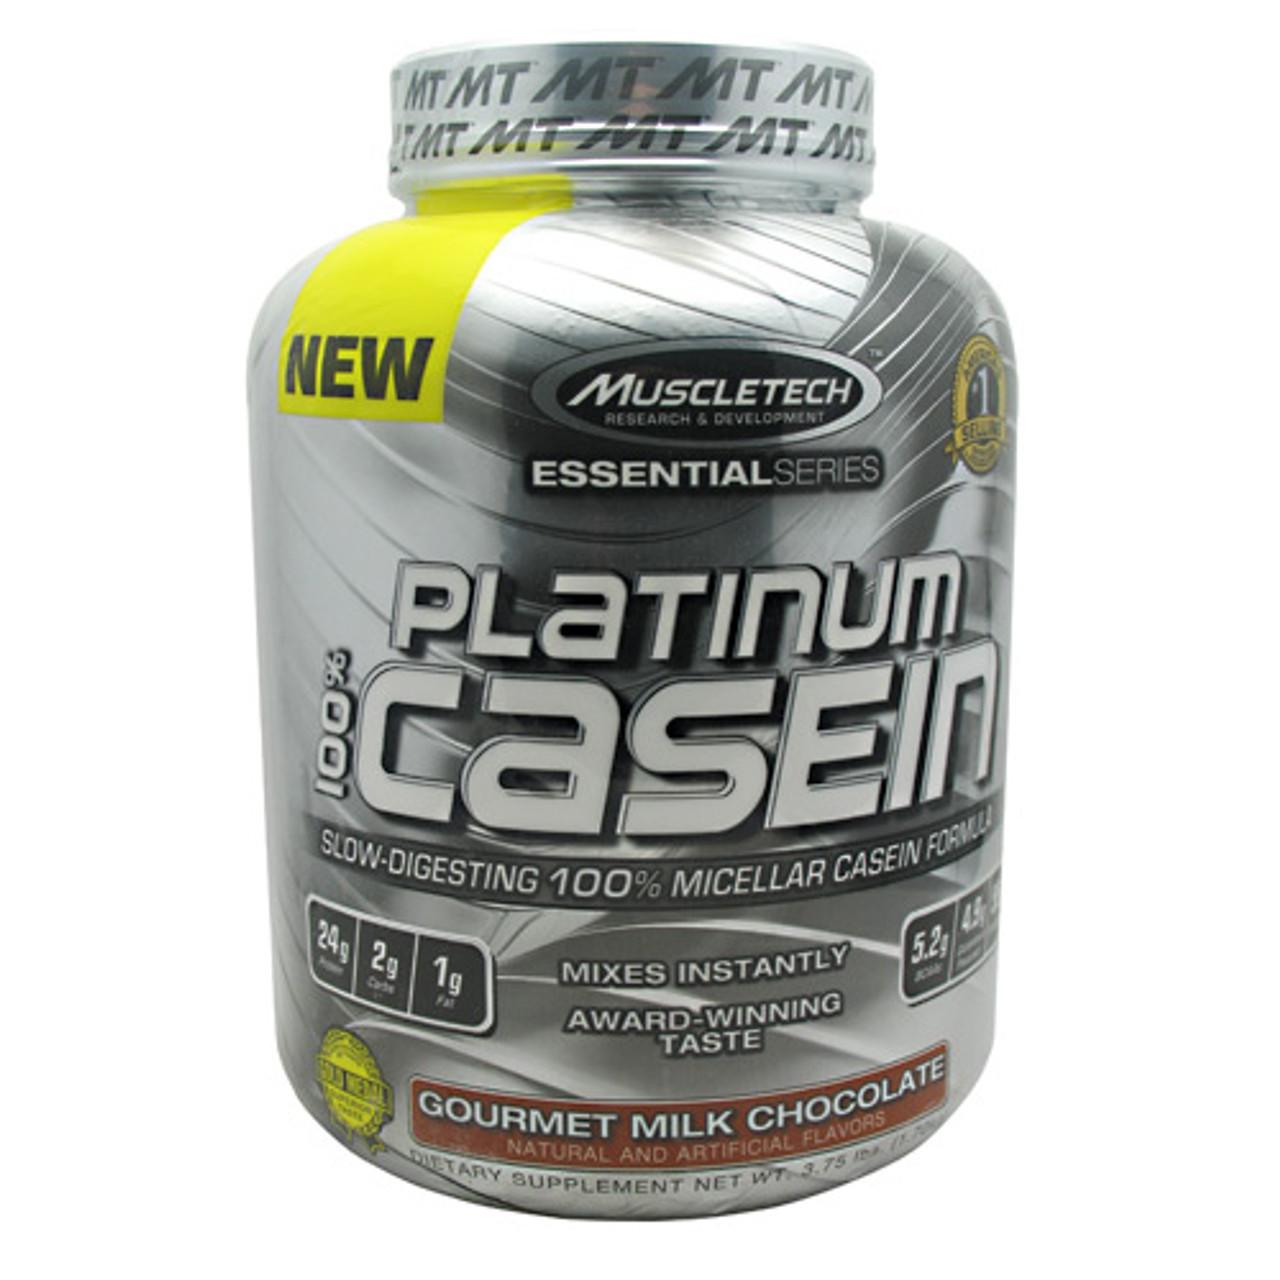 100% Platinum Casein by MuscleTech 55/serv